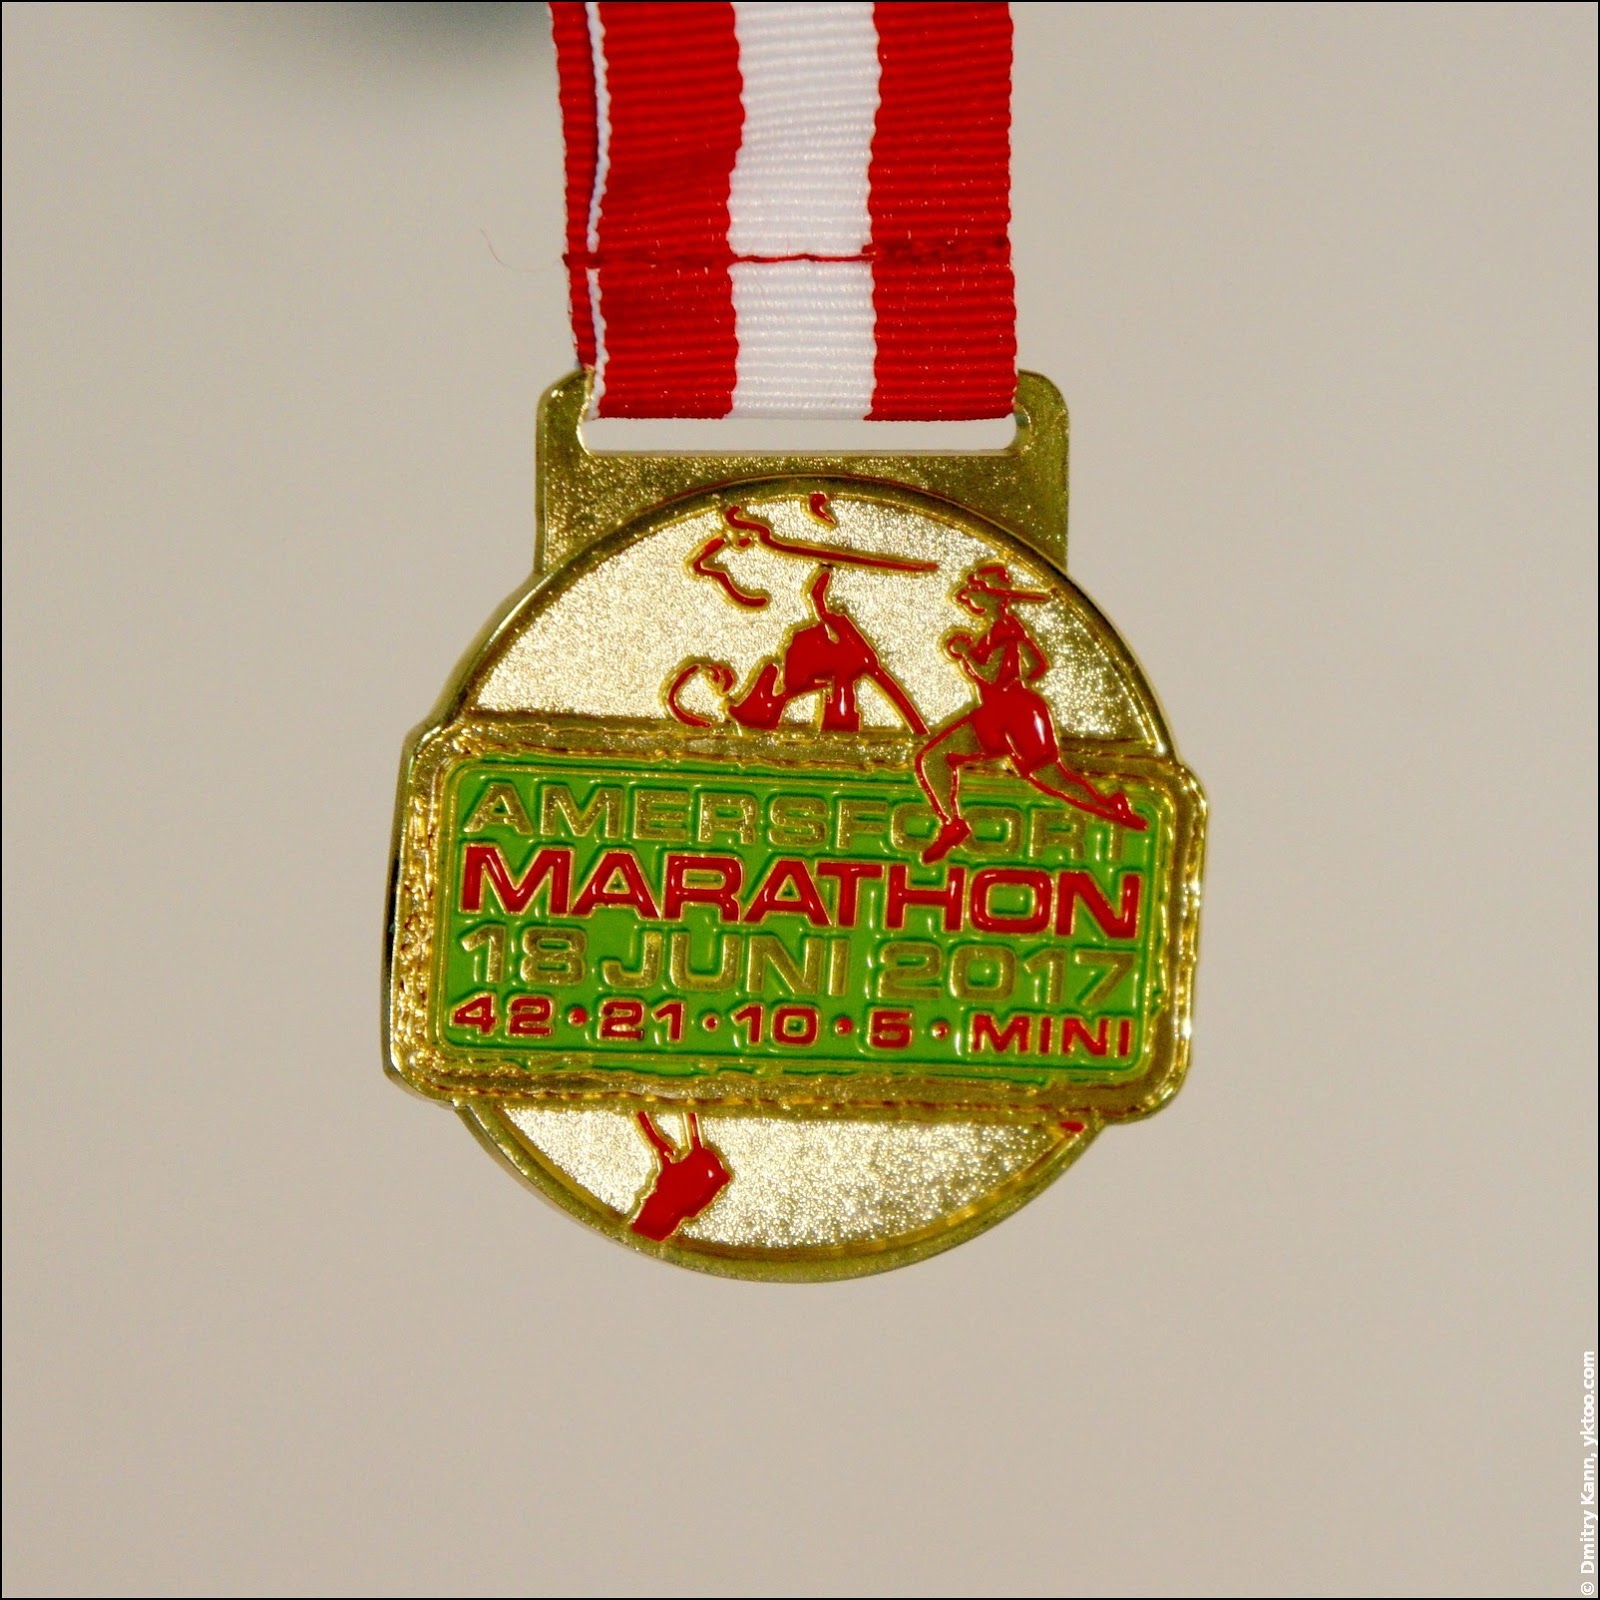 Medal of Marathon Amersfoort